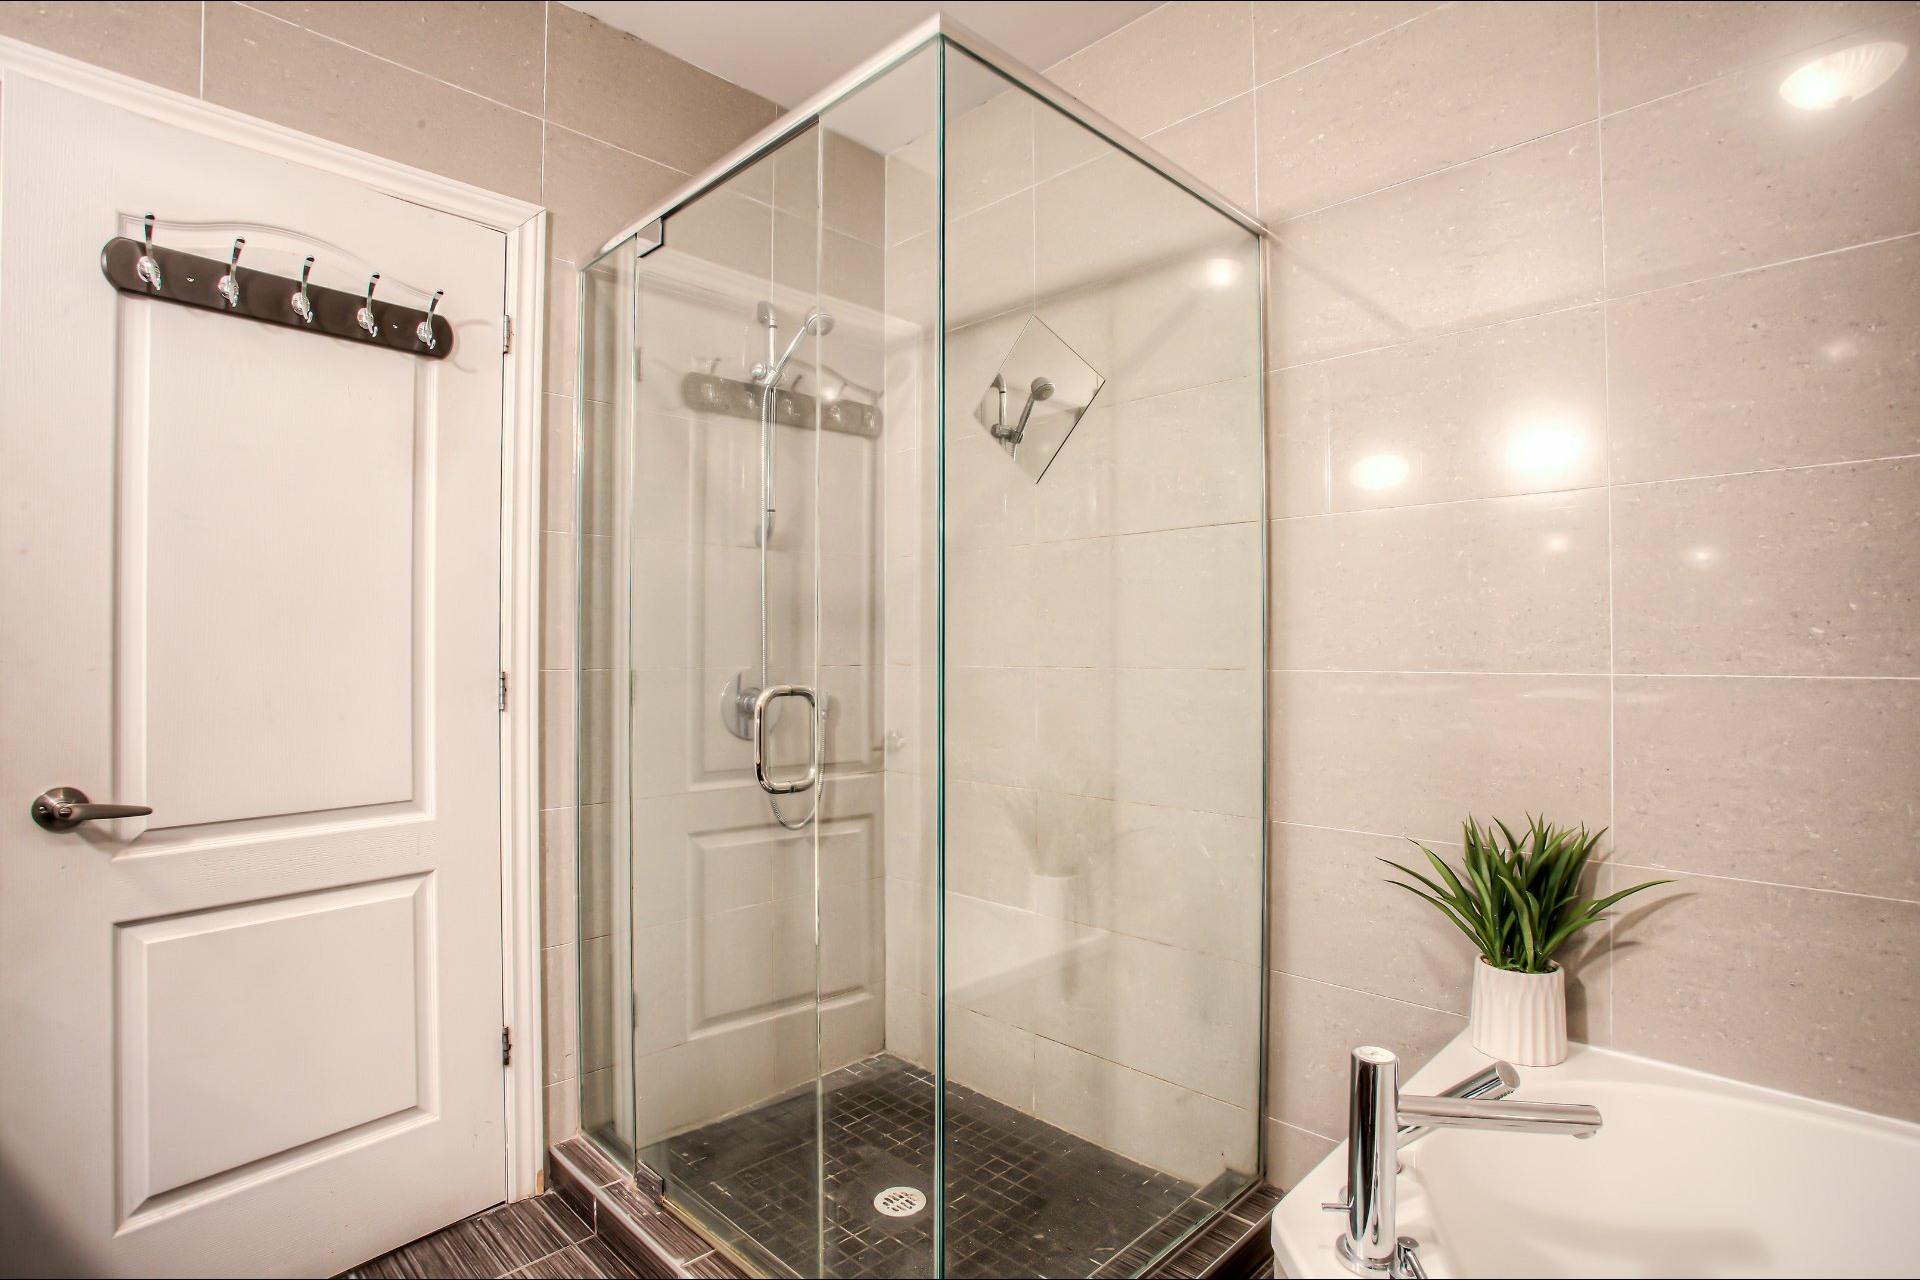 image 19 - Apartment For sale Saint-Laurent Montréal  - 9 rooms